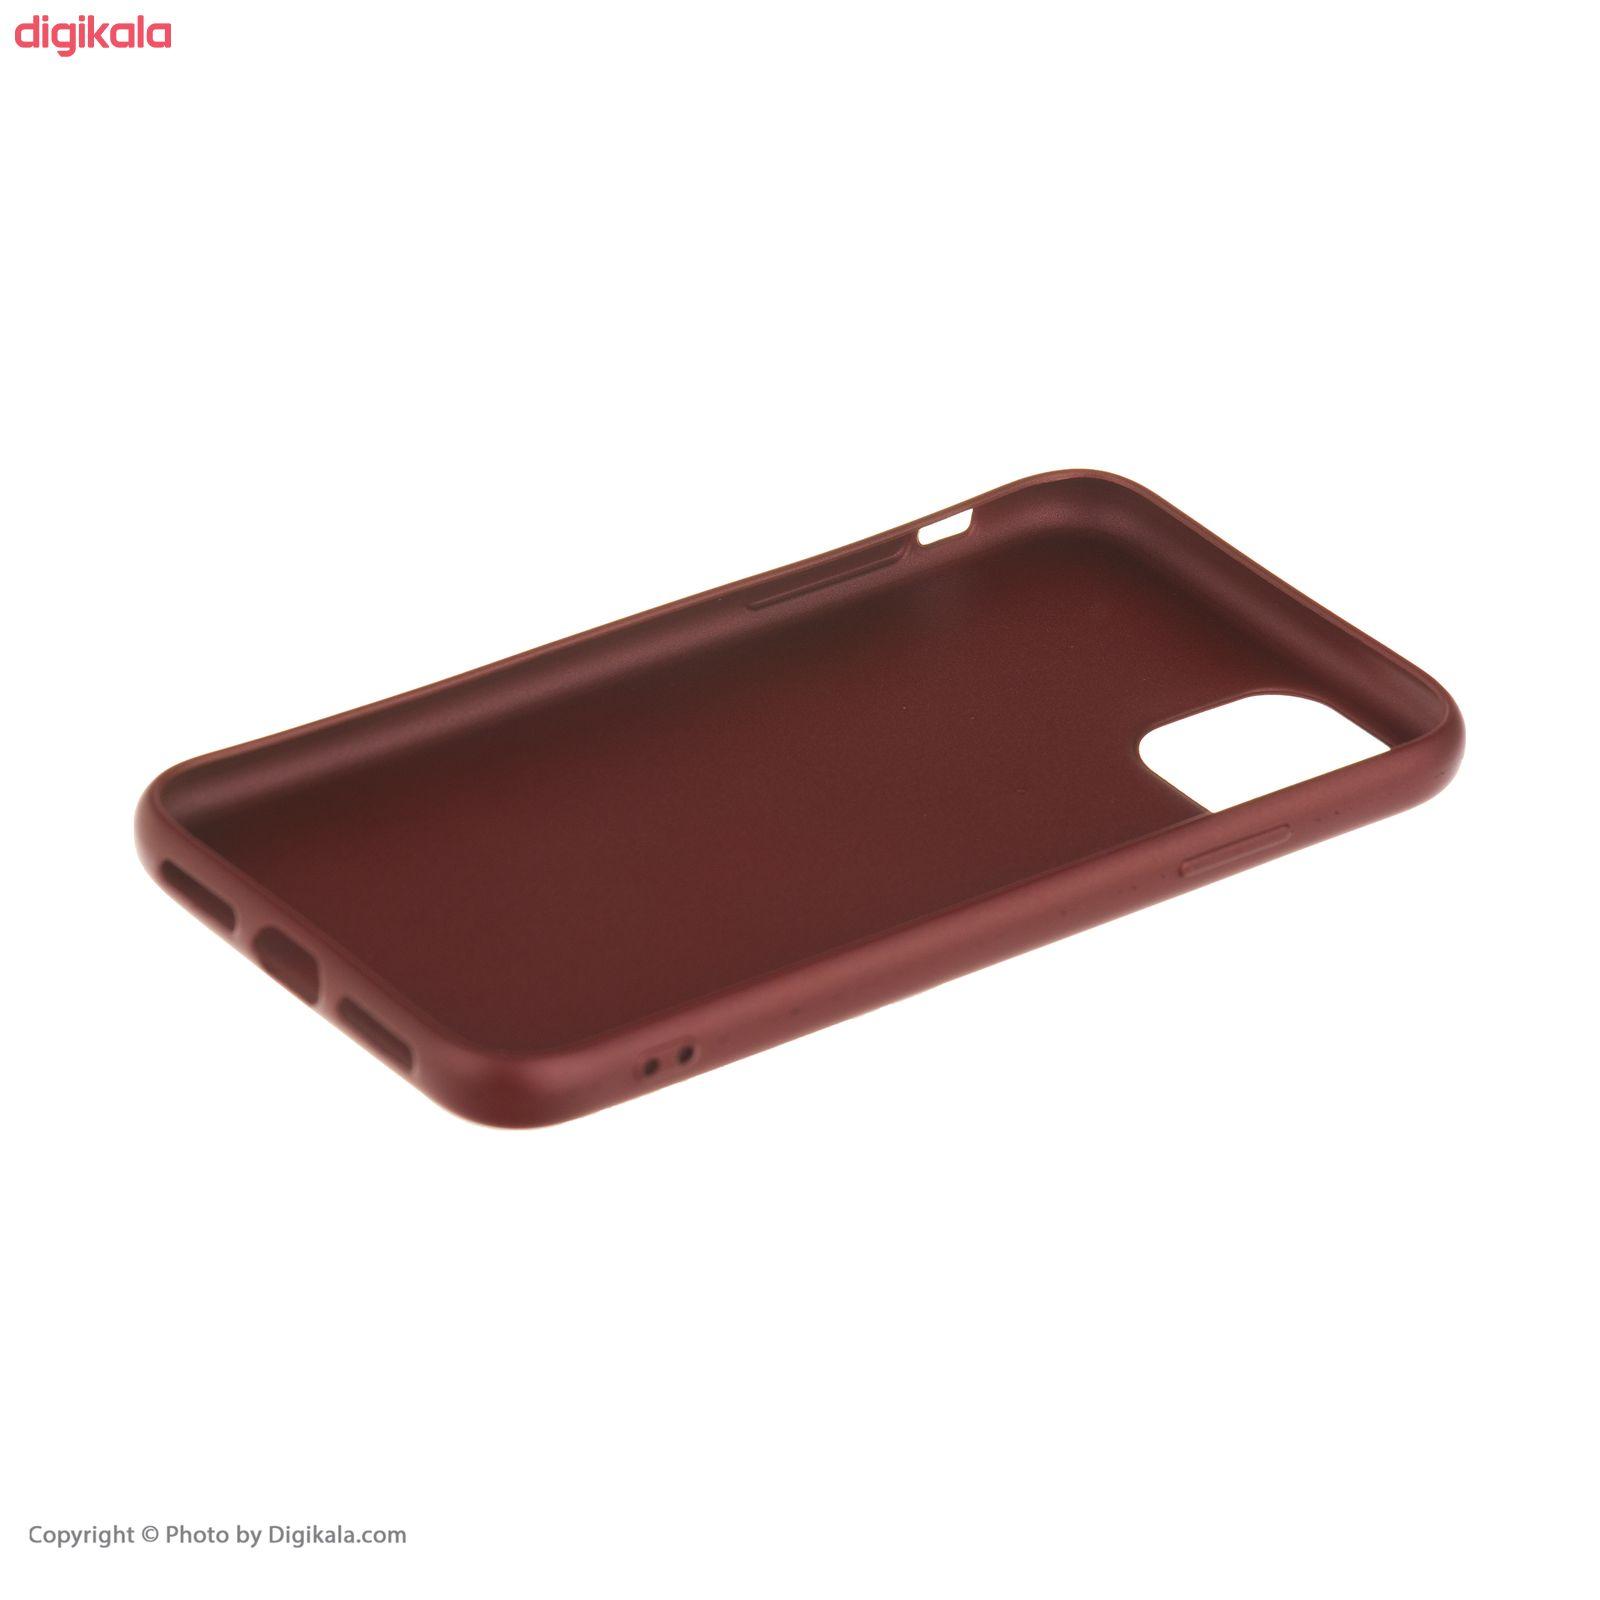 کاور مدل lethgi کد 12 مناسب برای گوشی موبایل اپل Iphone 11 pro main 1 2